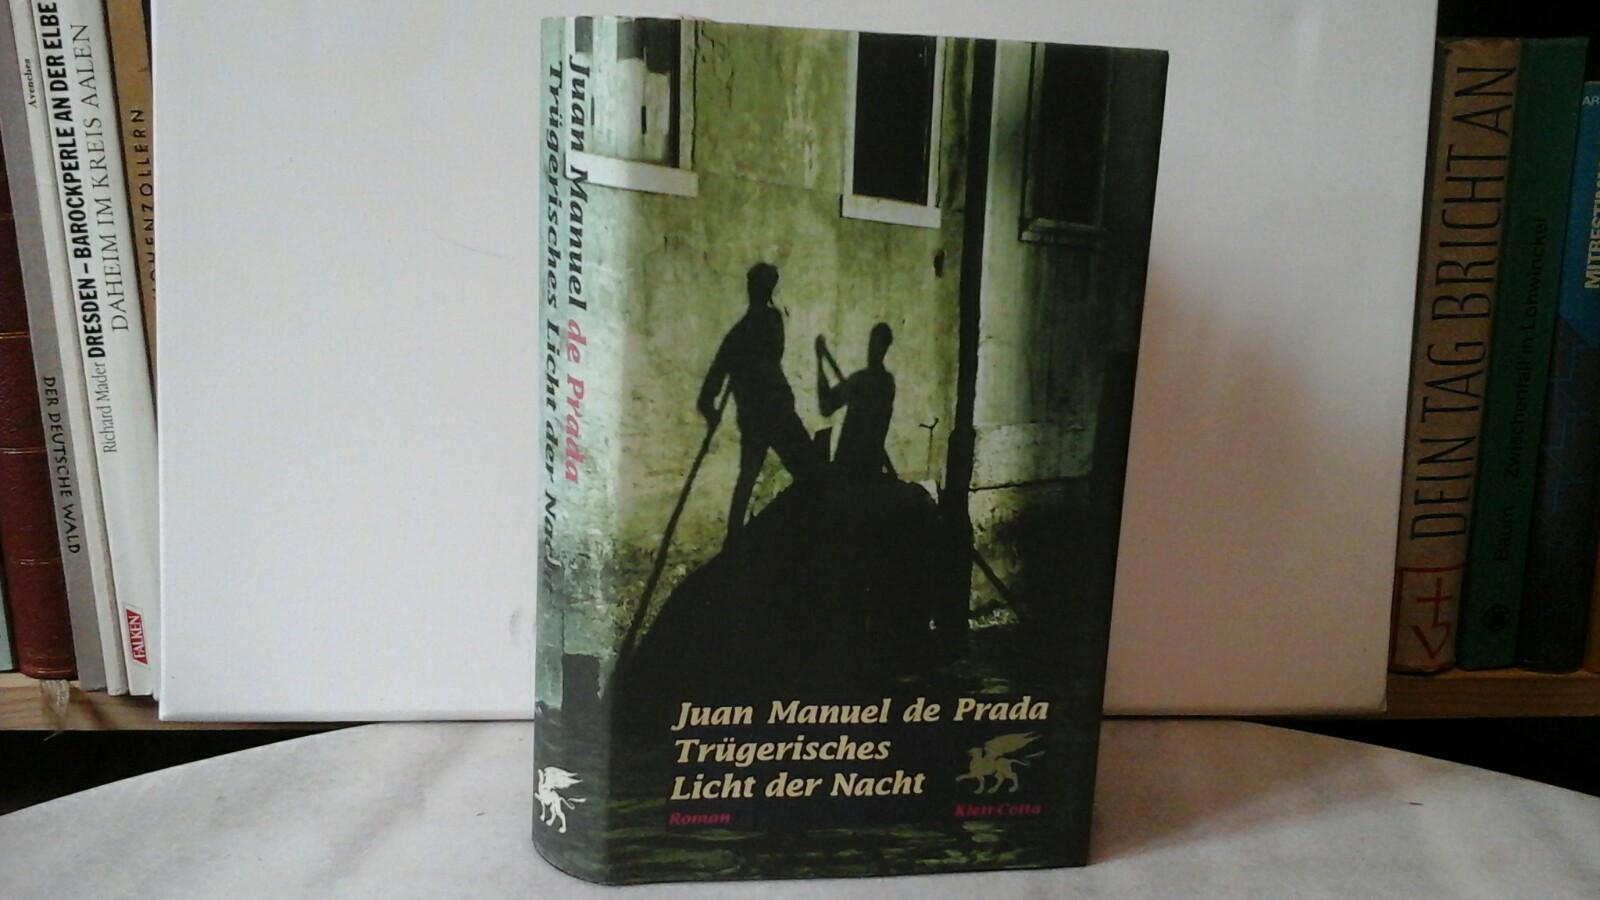 Trügerisches Licht der Nacht. Roman. Aus dem Spanischen übersetzt von Alexander Dobler. Erste deutsche /1./ Ausgabe.